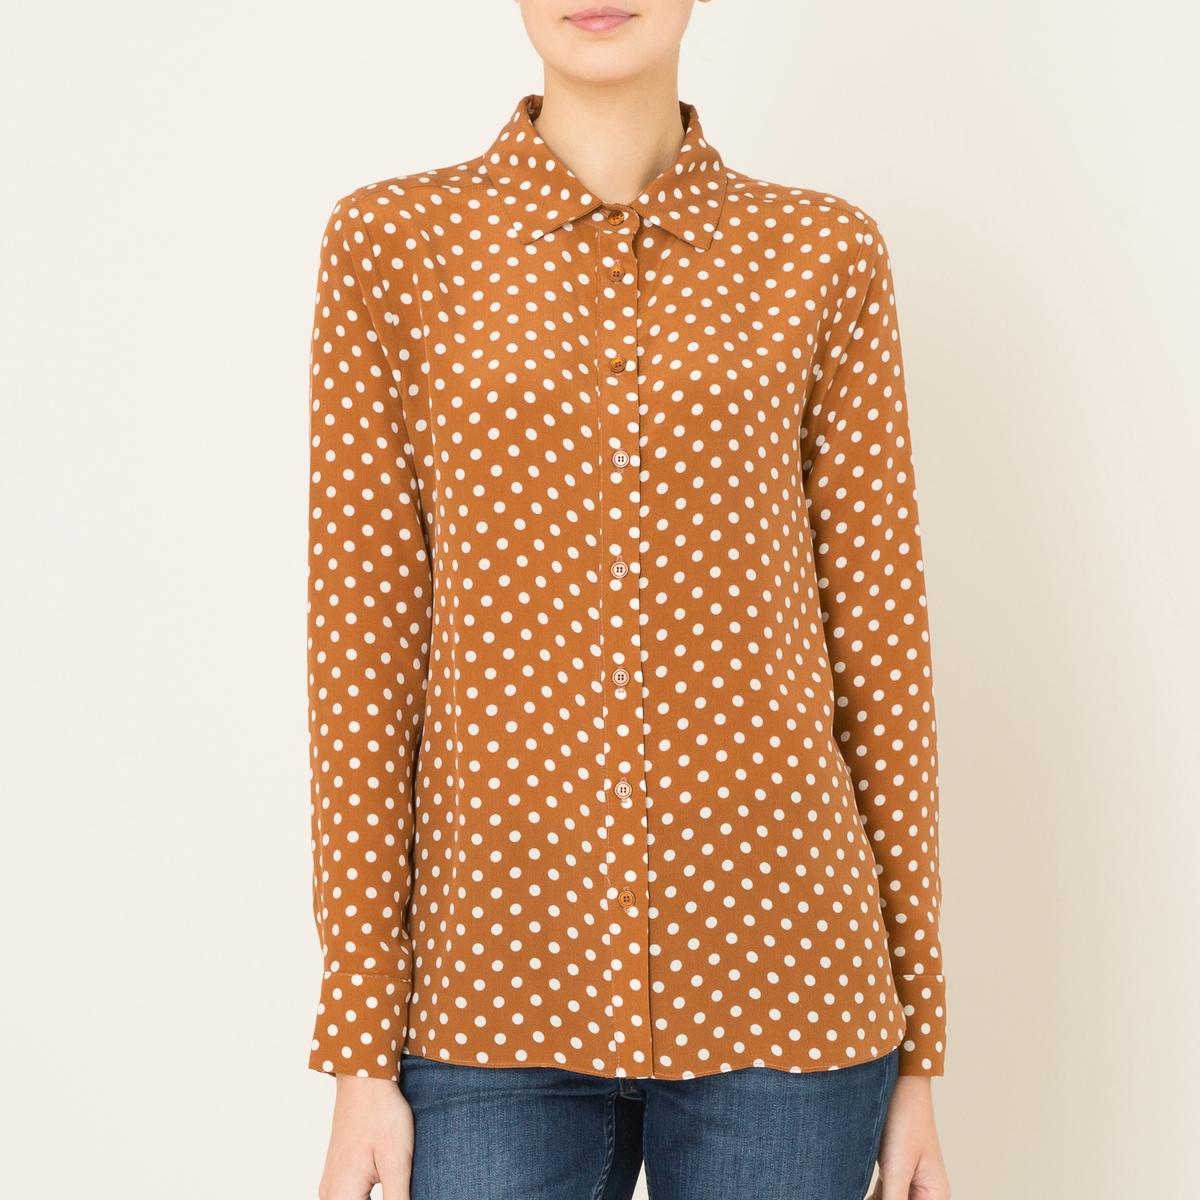 РубашкаРубашка в горох TOUPY - модель GASPAR из 100% шелка. Рубашечный воротник. Сплошной рисунок в горох. Застежка на пуговицы спереди. Длинные рукава. Состав и описание Материал : 100% шелкМарка : TOUPY<br><br>Цвет: каштановый